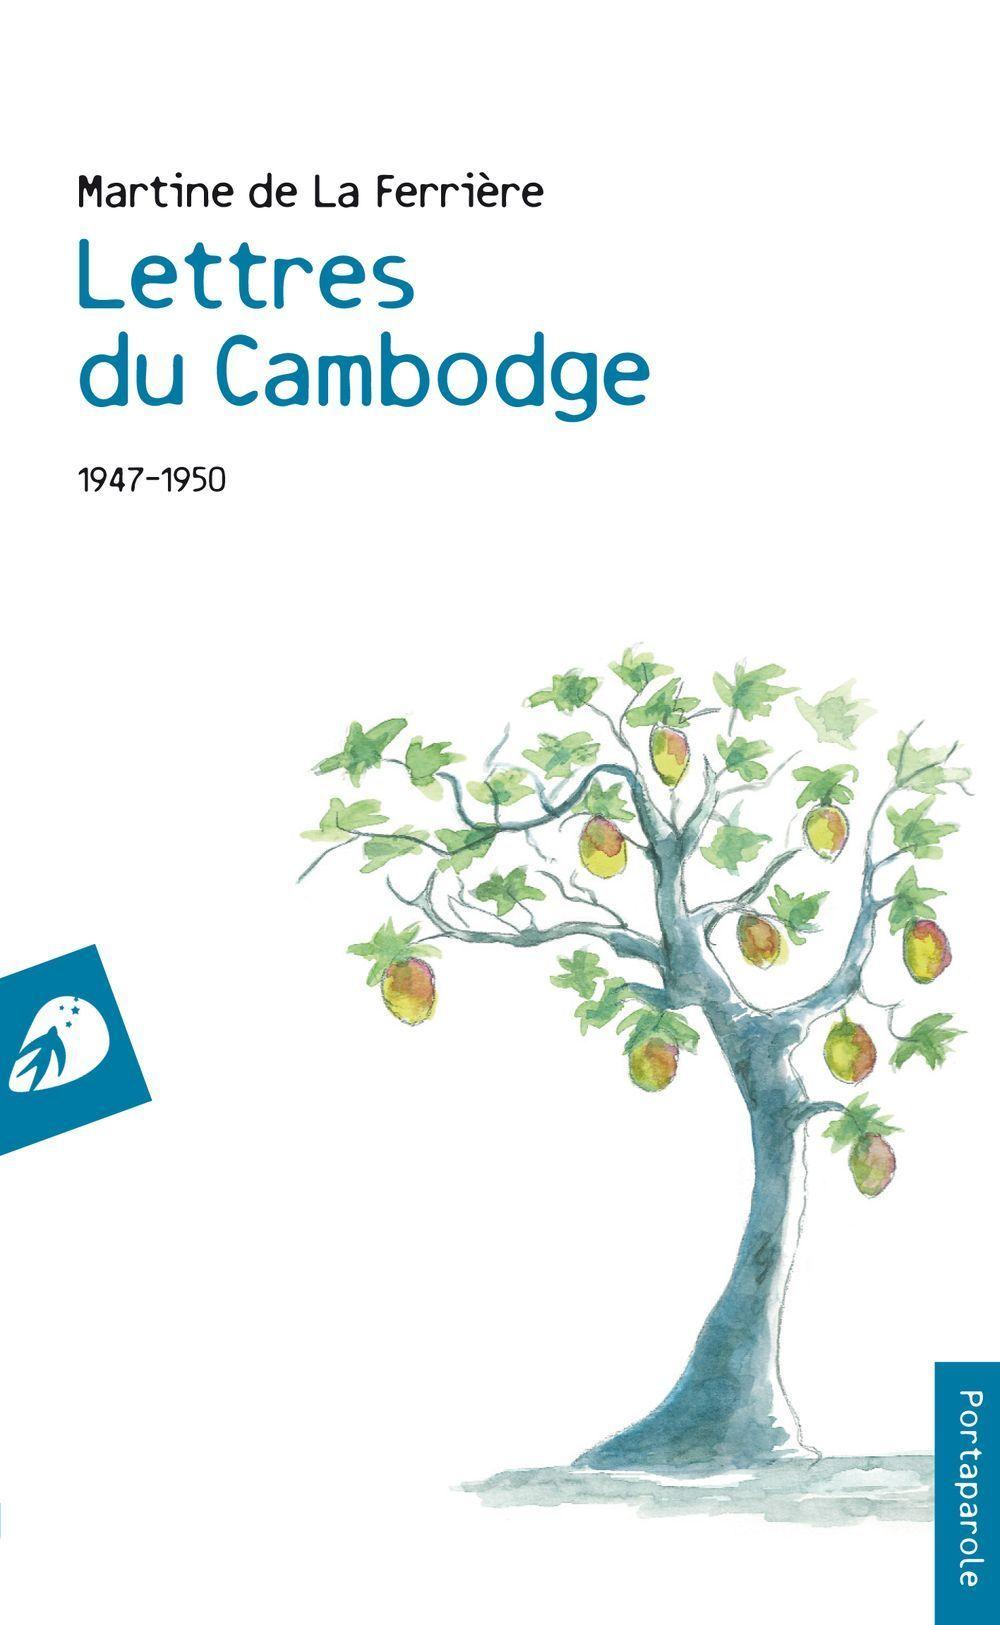 LETTRES DU CAMBODGE